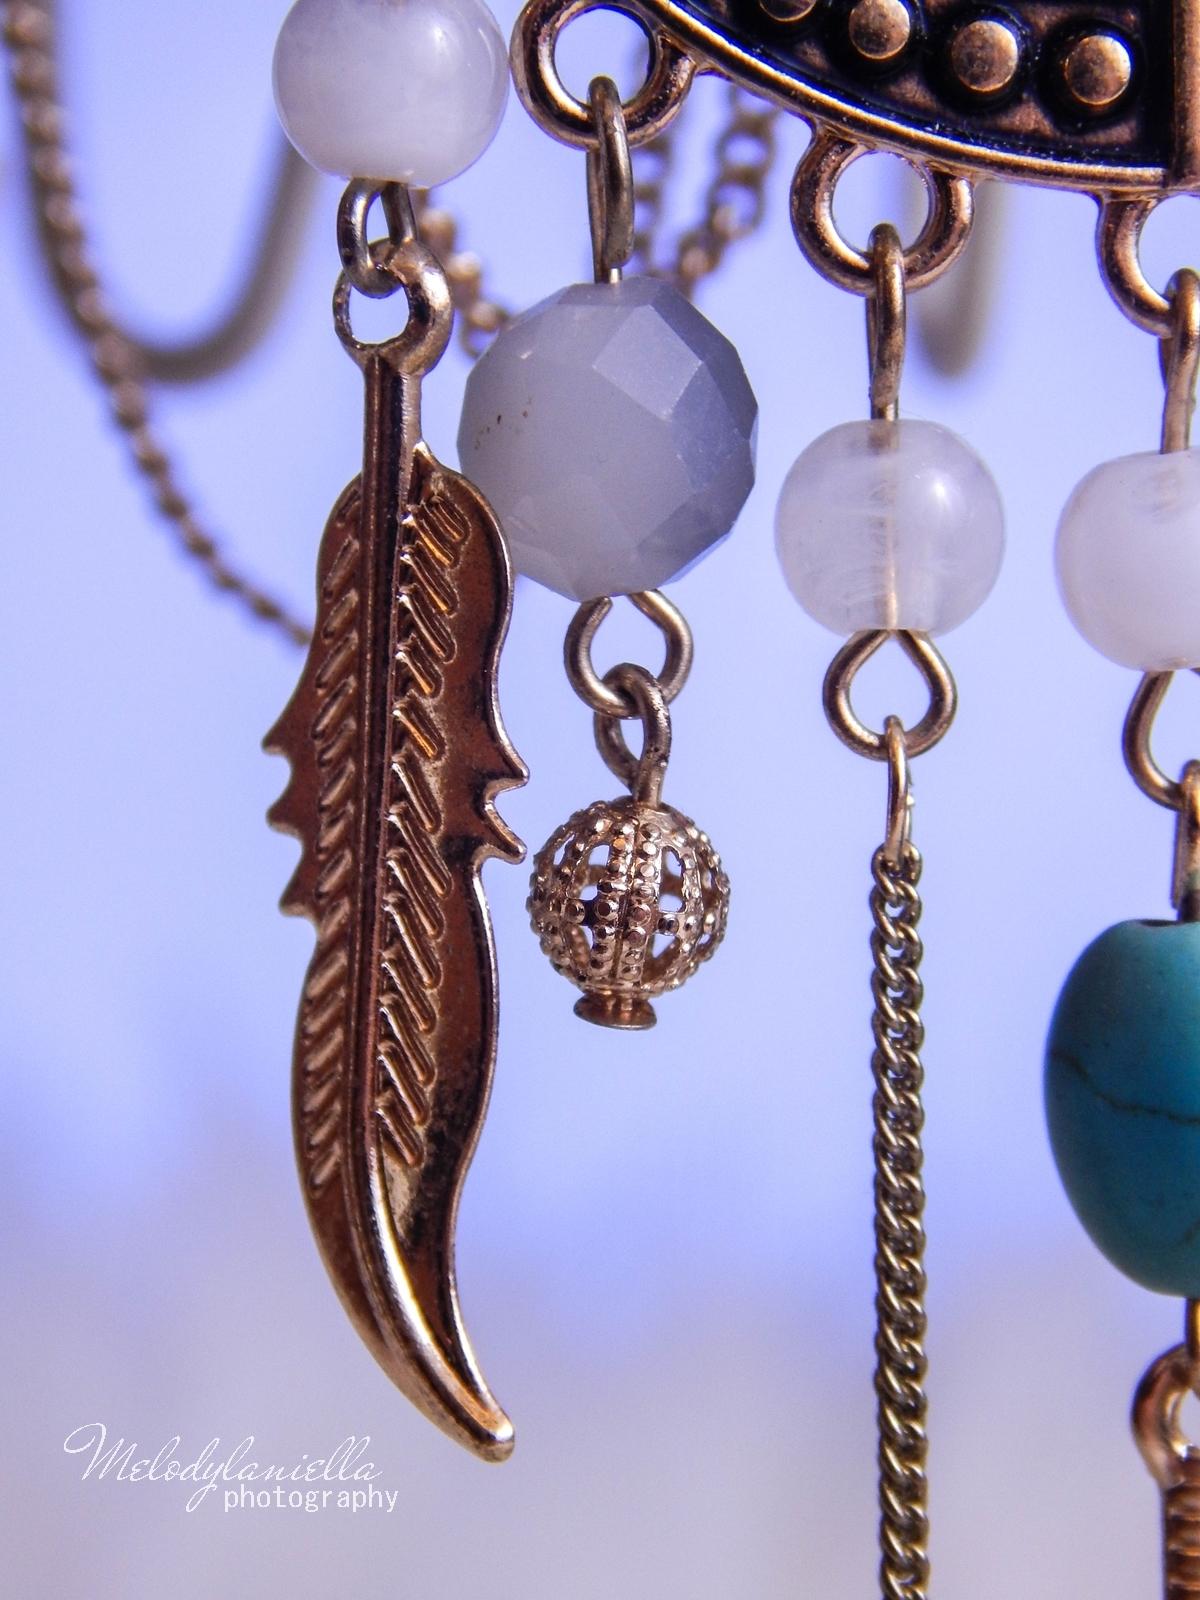 10 Biżuteria z chińskich sklepów sammydress kolczyk nausznica naszyjnik wisiorki z kryształkiem świąteczna biżuteria ciekawe dodatki stylowe zegarki pióra choker chokery złoty srebrny złoto srebro obelisk